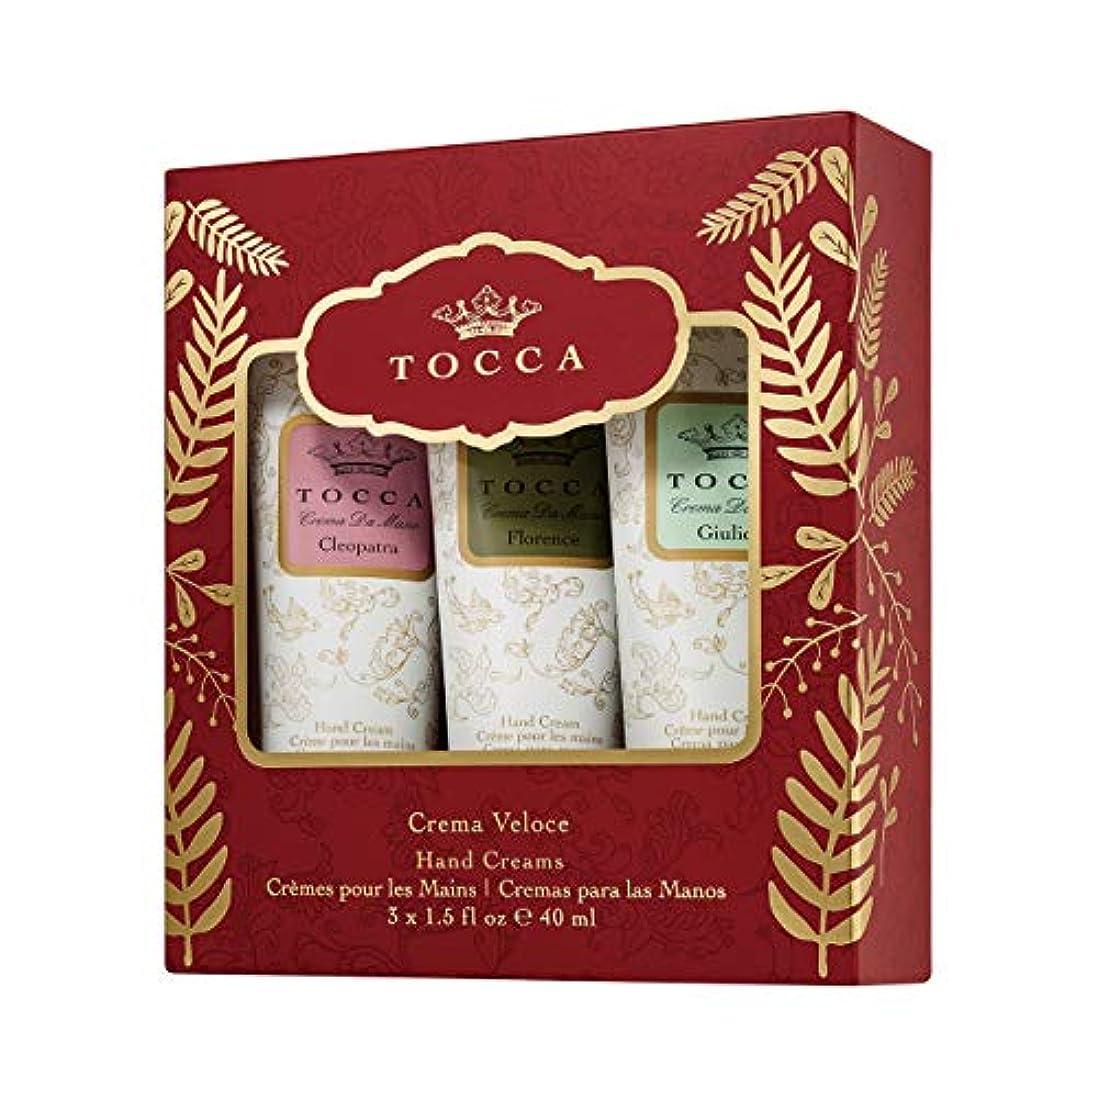 奨励します名声カップルTOCCA クレマヴェローチェパルマ ハンドクリーム3本入った贅沢な贈り物(手指保湿?小分けギフト)